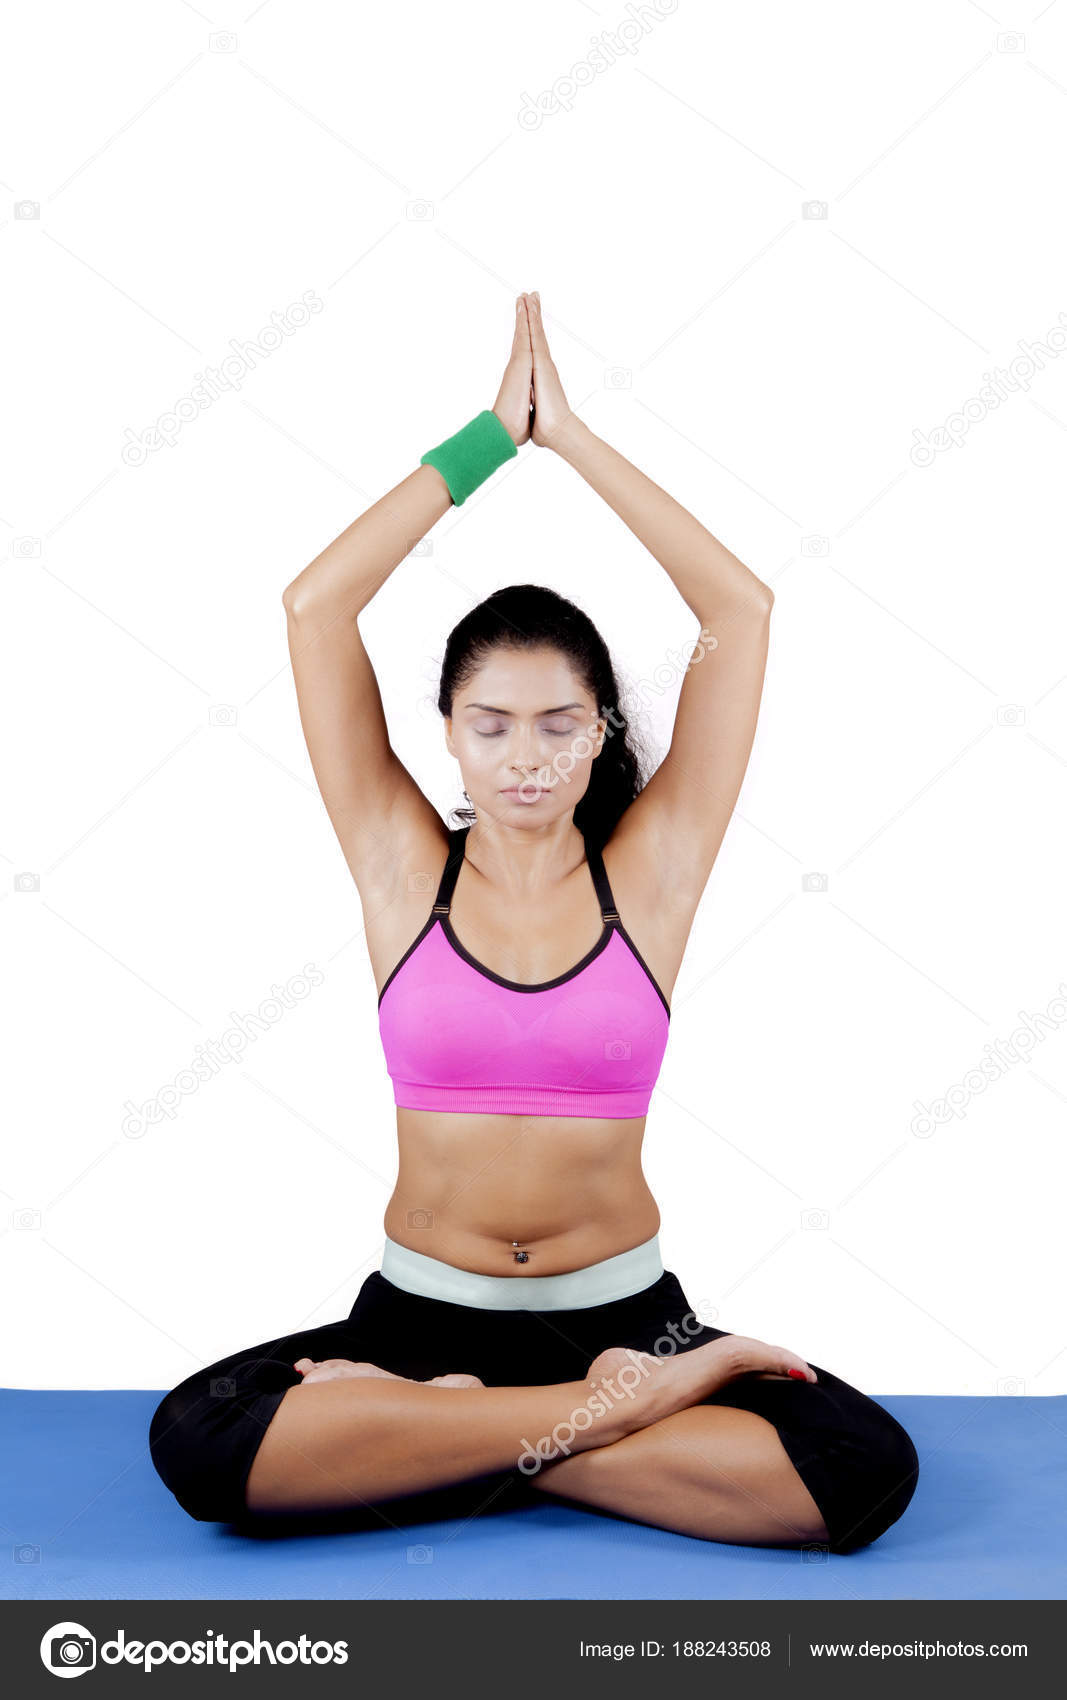 Indian Woman Practicing Yoga On Studio Stock Photo C Realinemedia 188243508